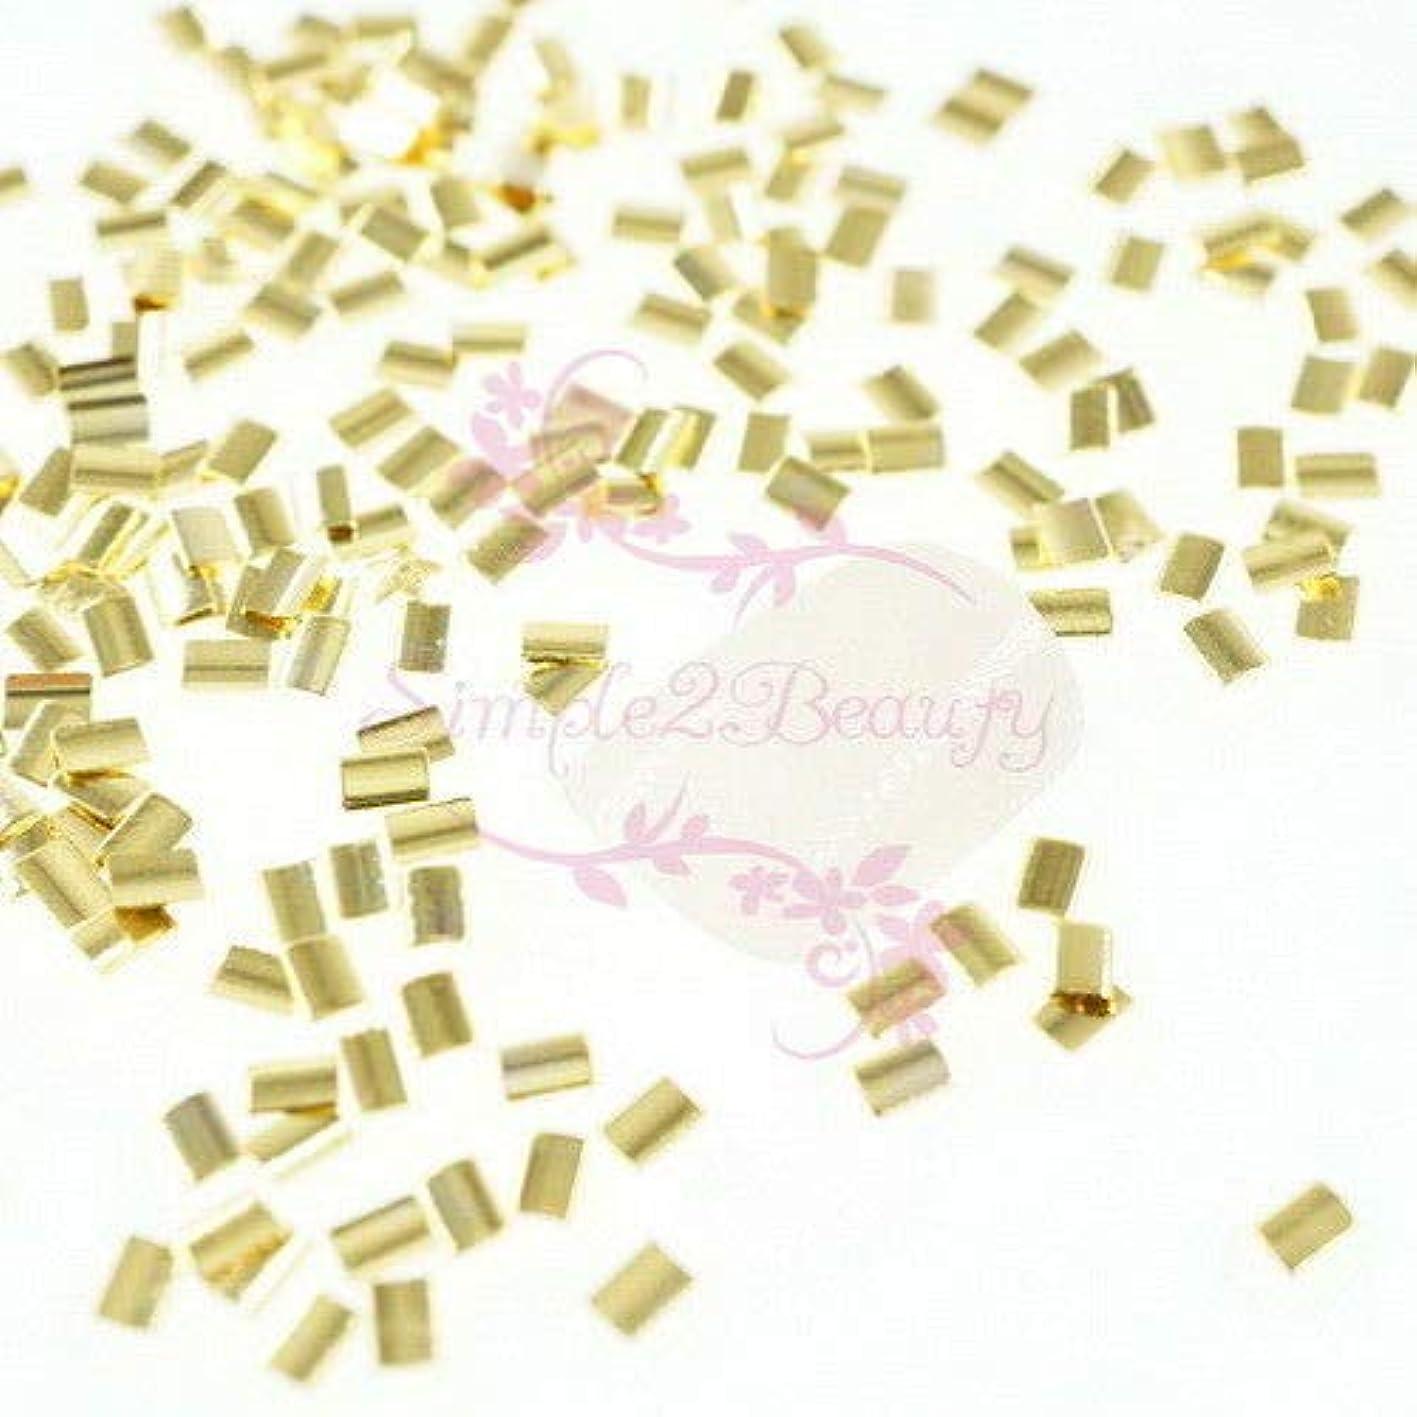 砦海洋性差別FidgetGear 500 Rectanlge和風メタリックリベットスタッドネイルアートマニキュアDIYの装飾 ゴールド